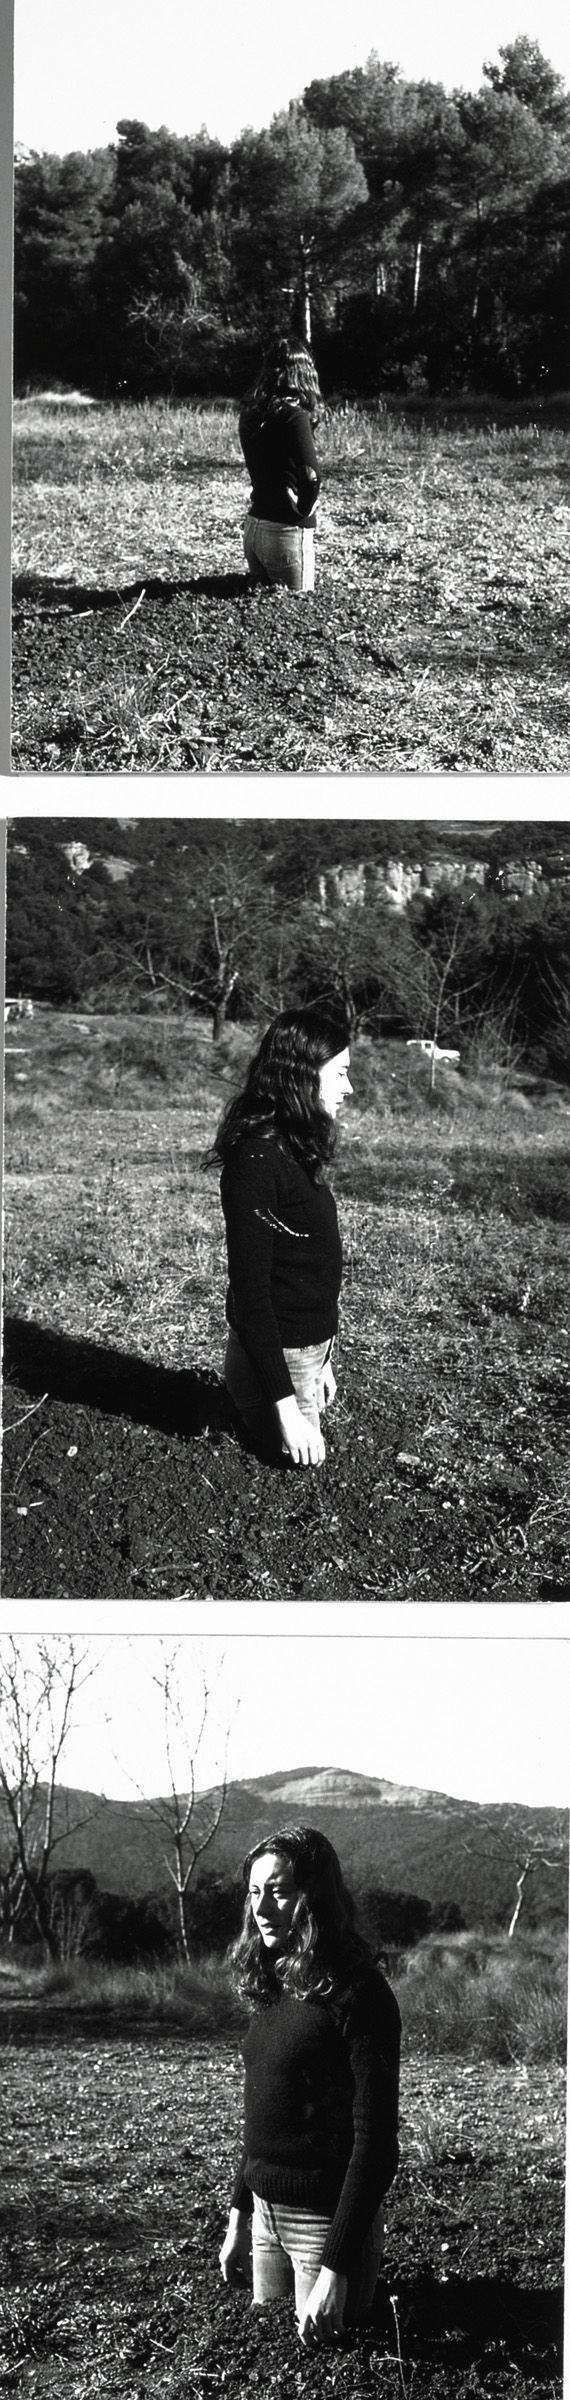 """Fina Miralles, """"Translacions. Dona-arbre"""" (Documentació de l'acció realitzada el novembre de 1973 a Sant Llorenç de Munt, Espanya) (""""Traslaciones. Mujer-árbol"""" [Documentación de la acción realizada en noviembre de 1973 en Sant Llorenç de Munt, España])"""